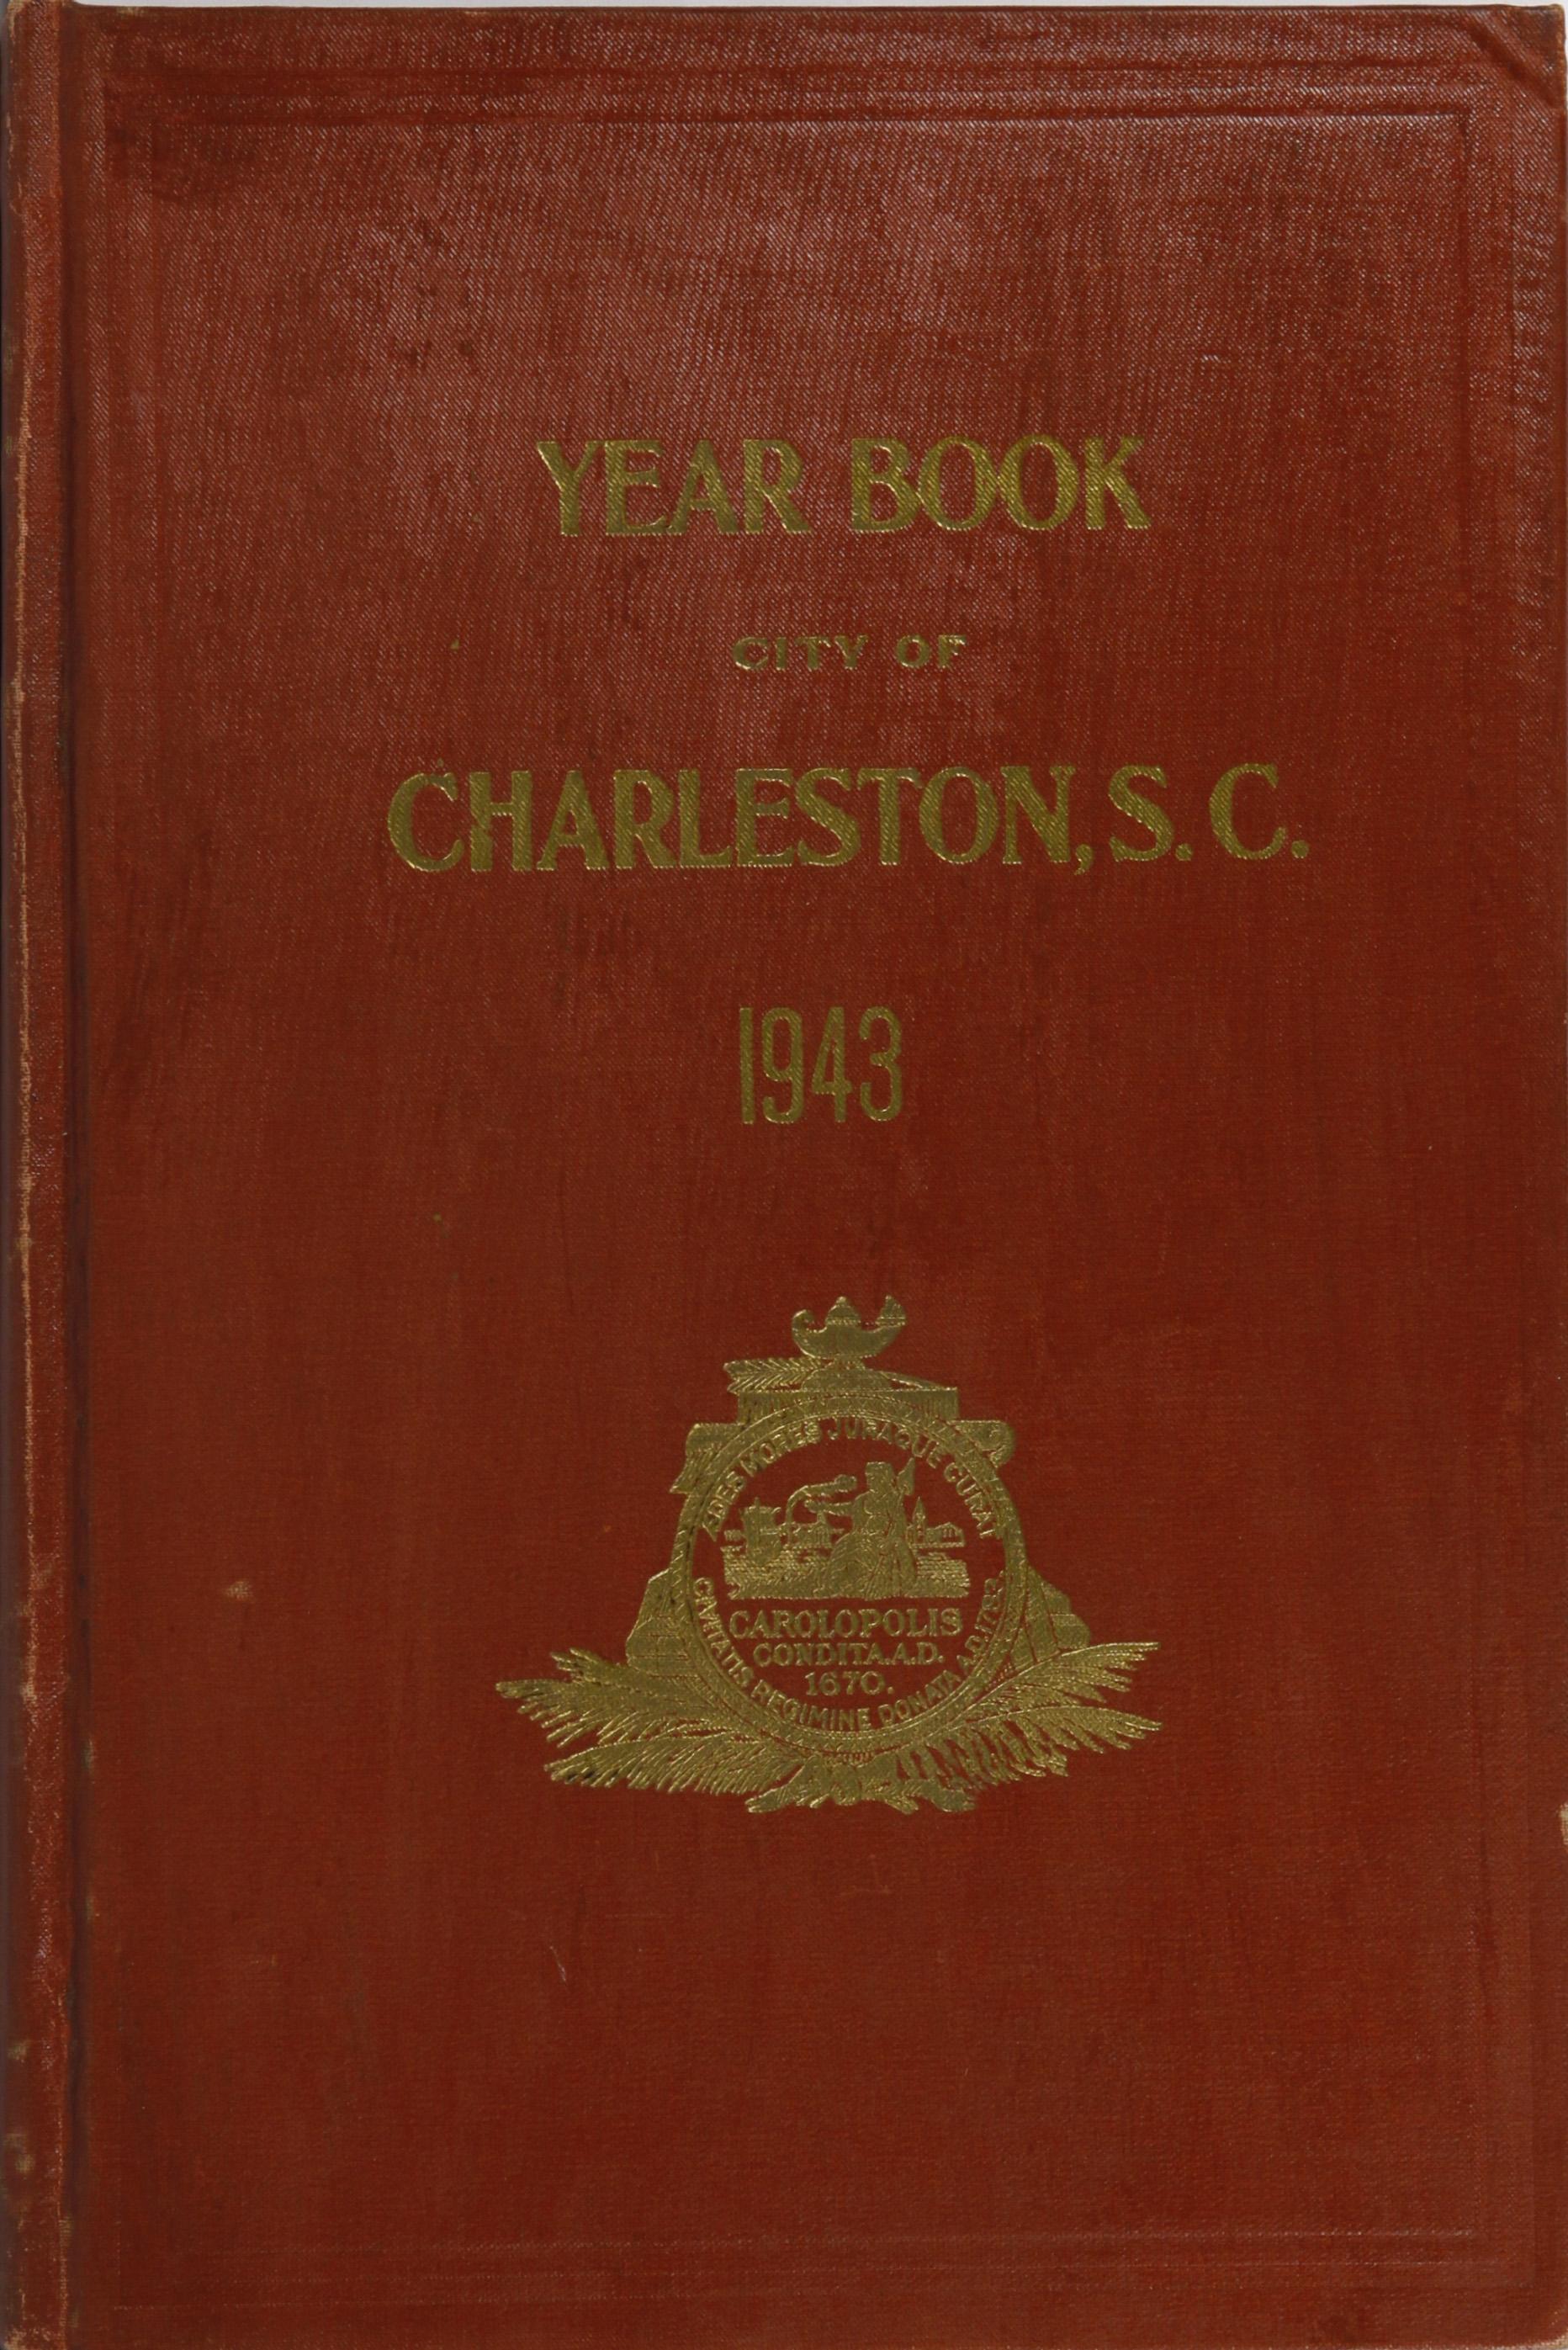 Charleston Yearbook, 1943, cover